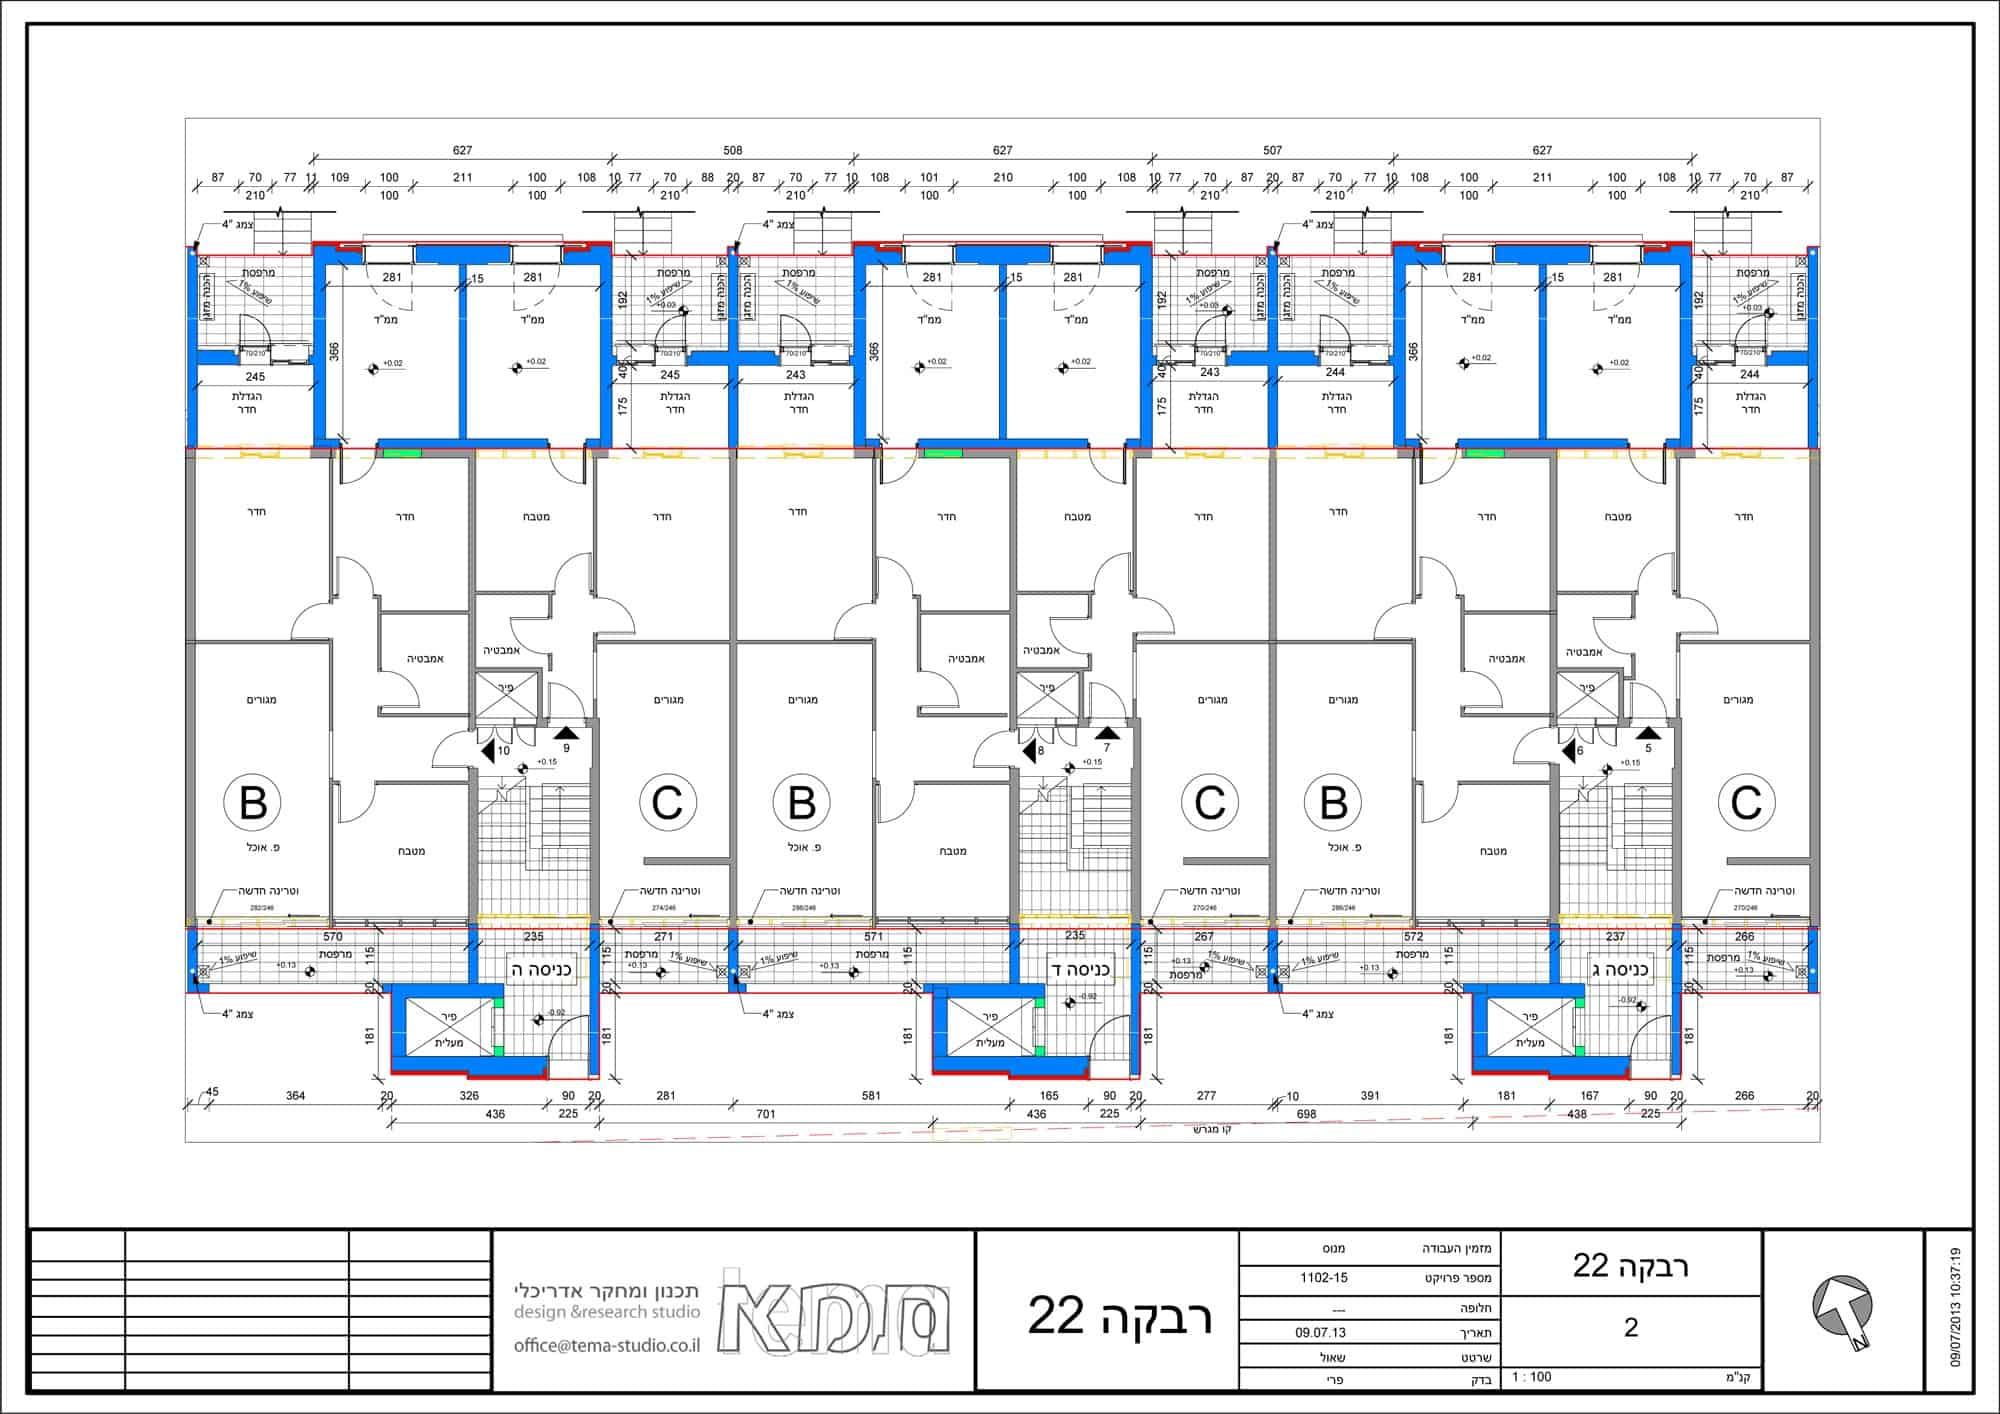 Rivka 22, Jérusalem – Plan d'étage typique, les entrées C-E